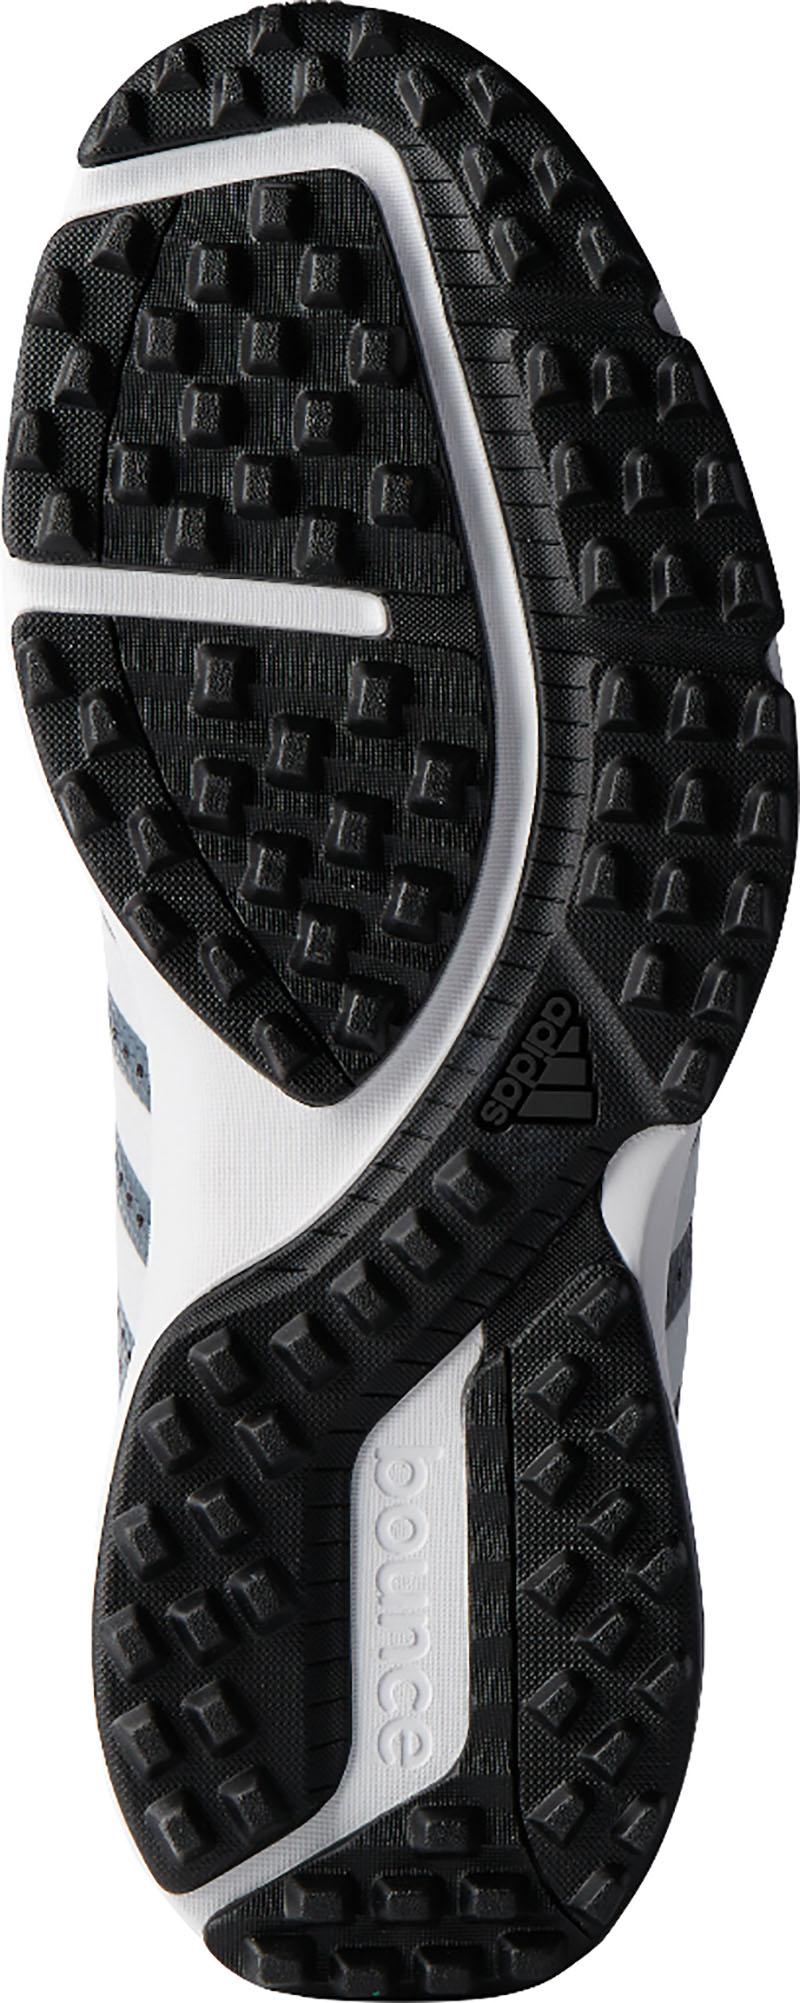 Zapatos de golf adidas traxion blancos 02